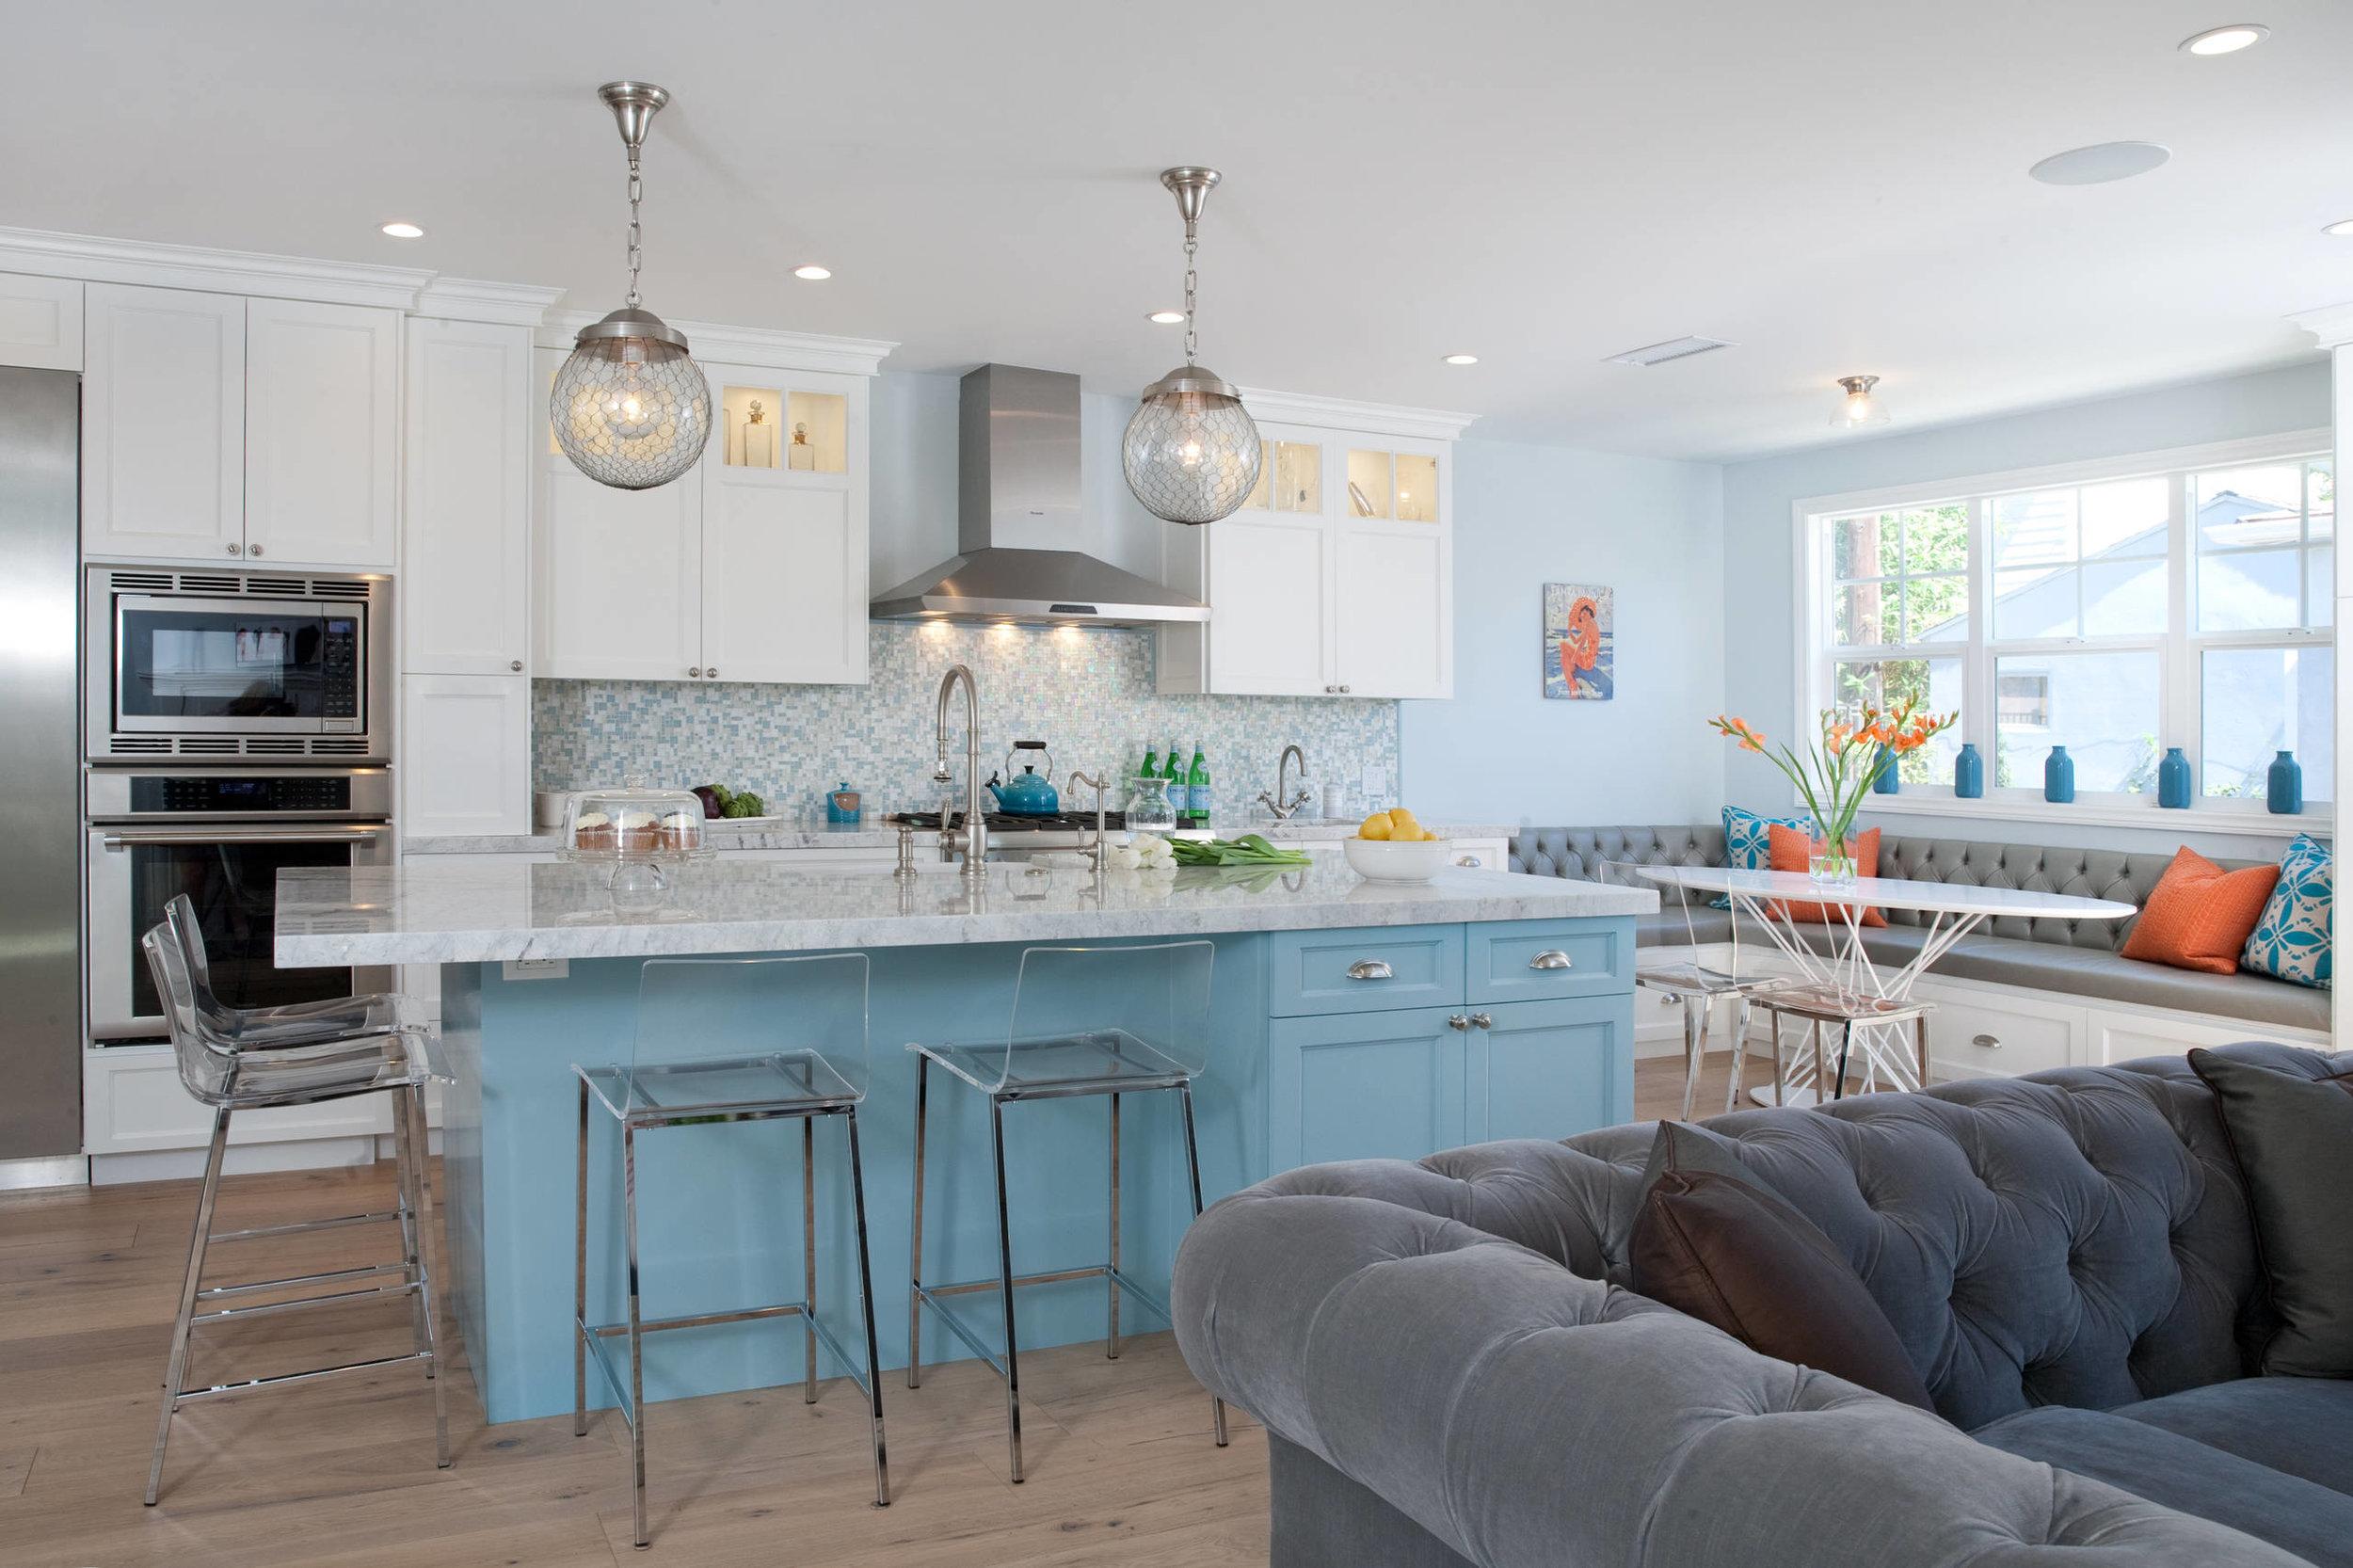 beach-style-kitchen-2.jpg